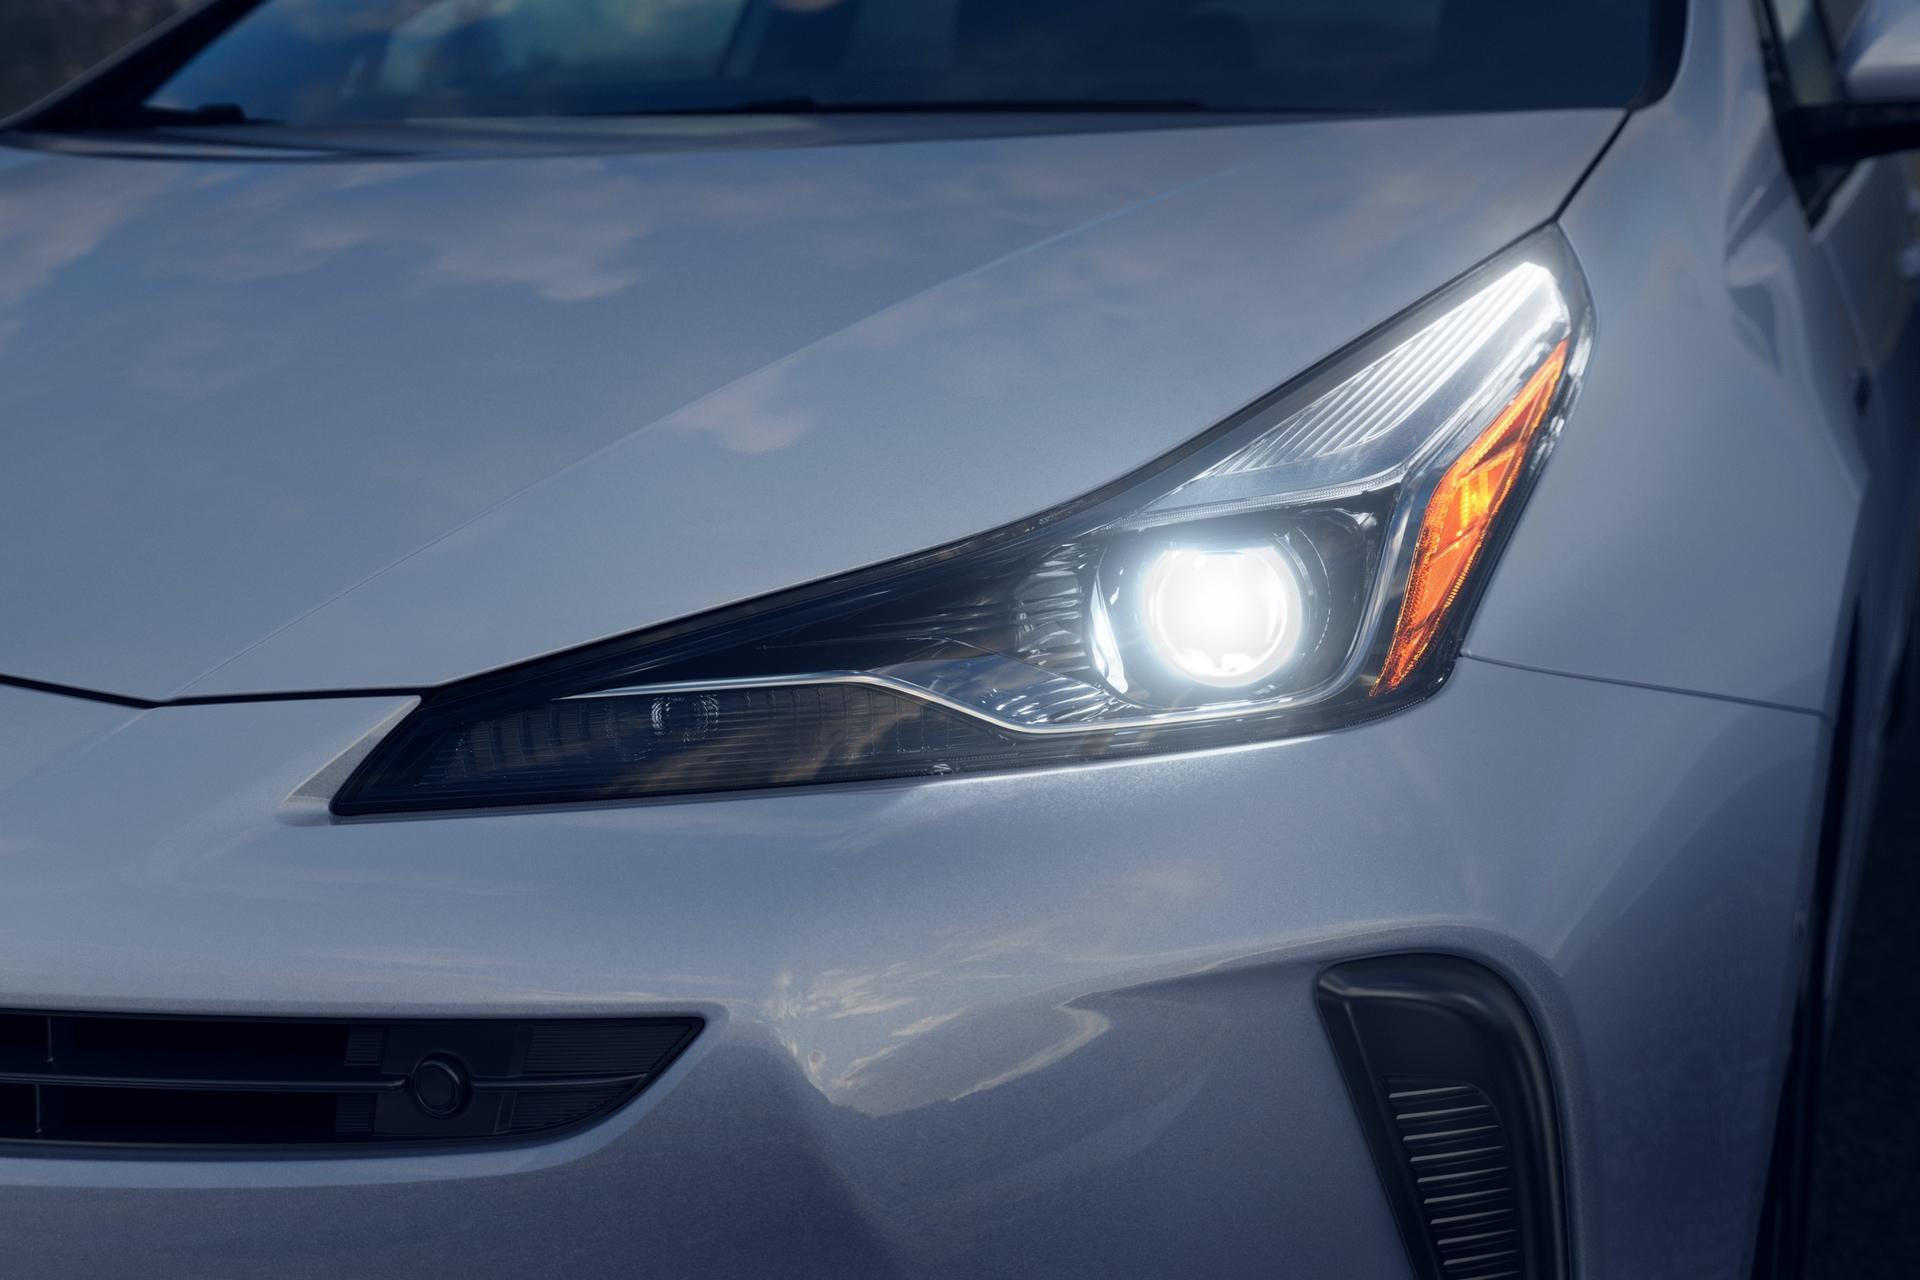 2019_Toyota_Prius_facelift0006